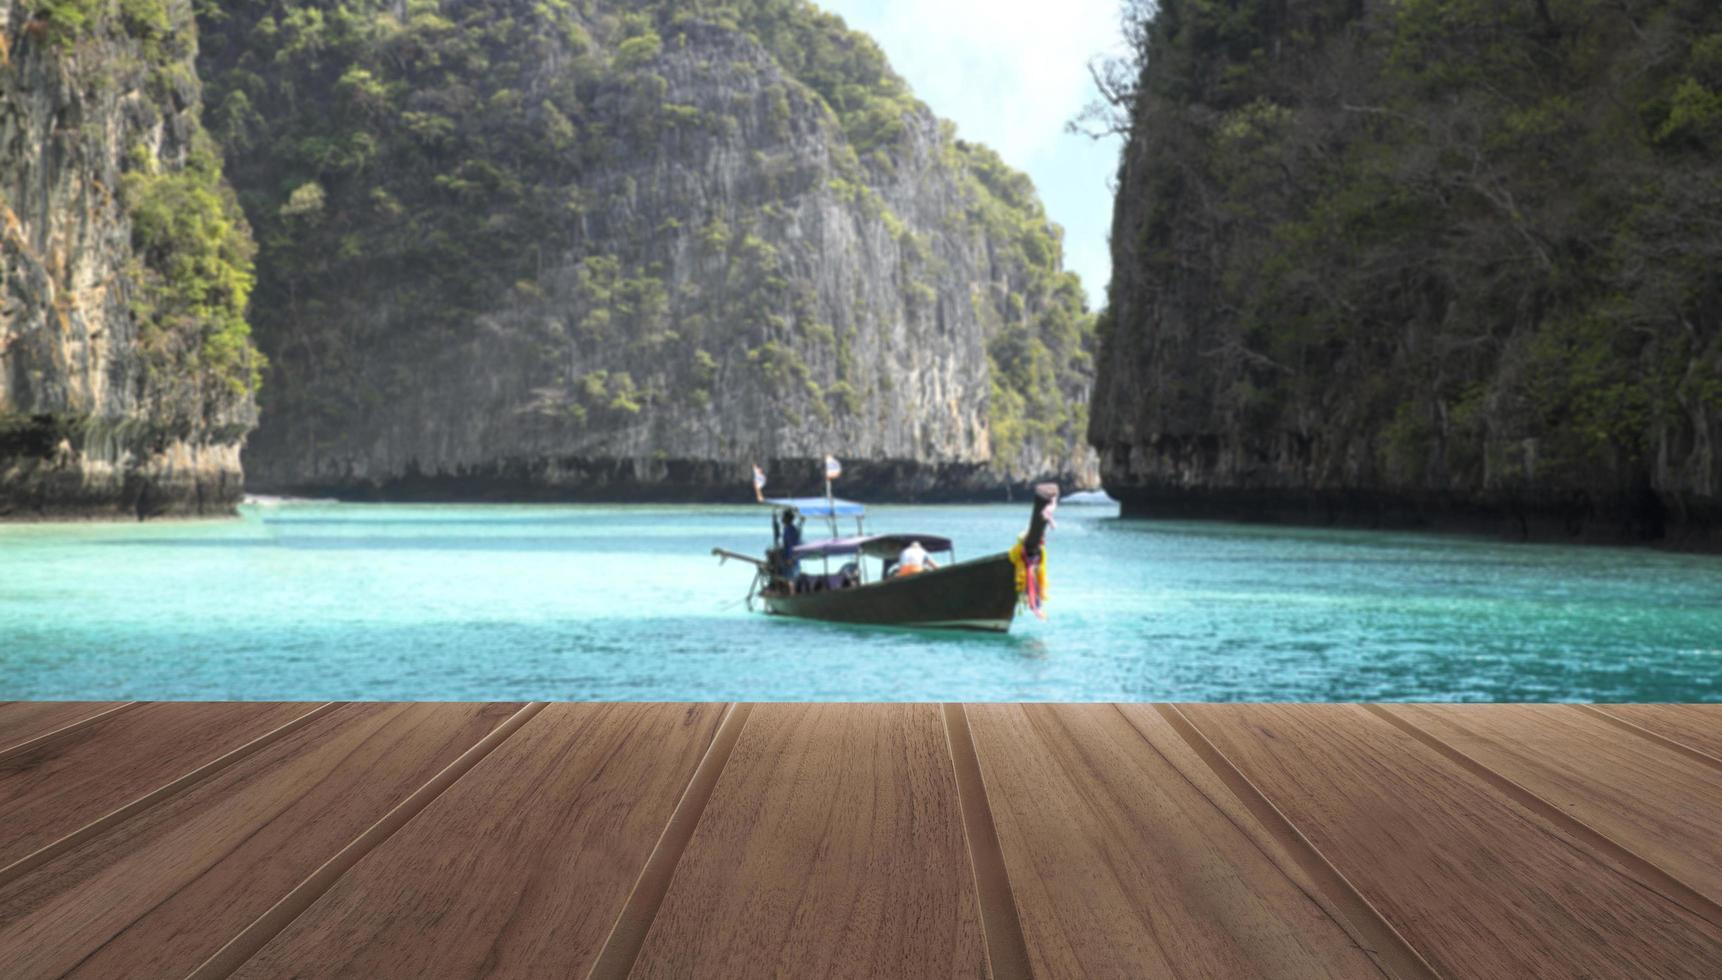 Table en bois sur la vue de dessus de la belle mer et bateau en bois avec des montagnes dans une station balnéaire tropicale pendant une journée d'été photo